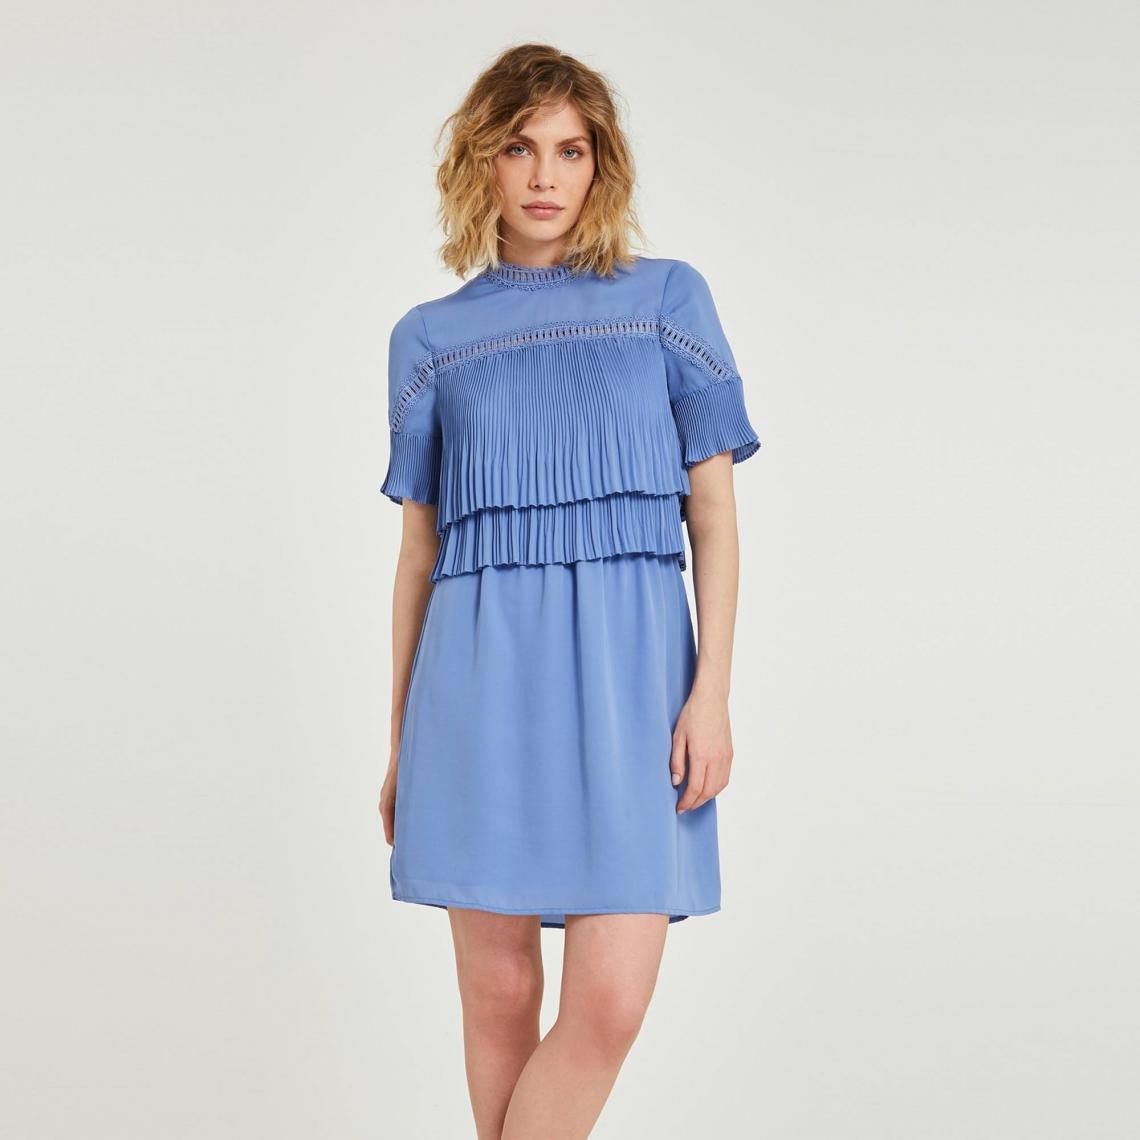 Robe Courte Unie Avec Volants Plisses Femme Morgan Bleu 3 Suisses